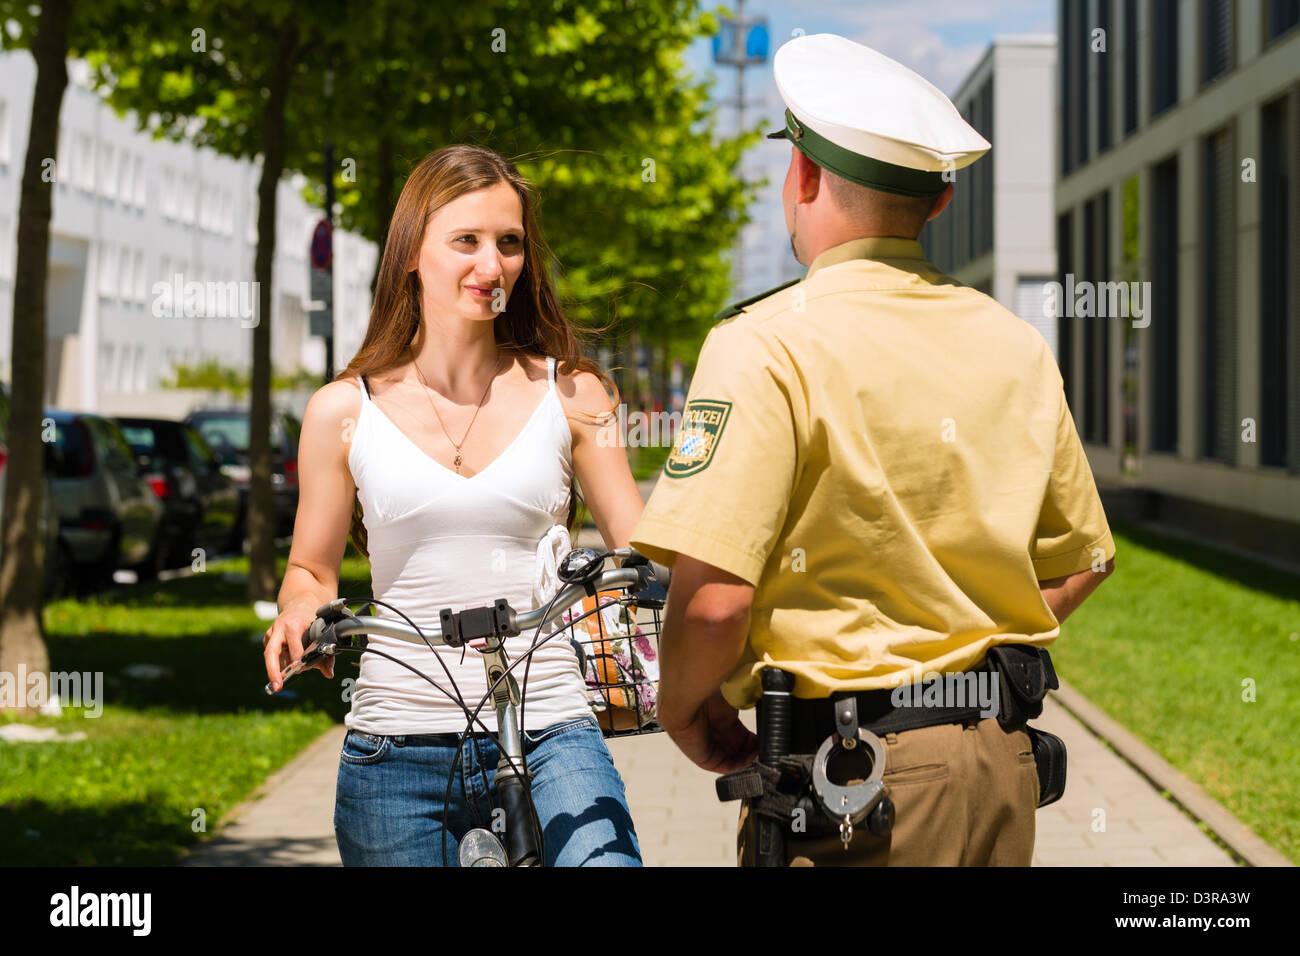 Police - jeune femme à bicyclette avec un policier dans le contrôle du trafic aérien Photo Stock